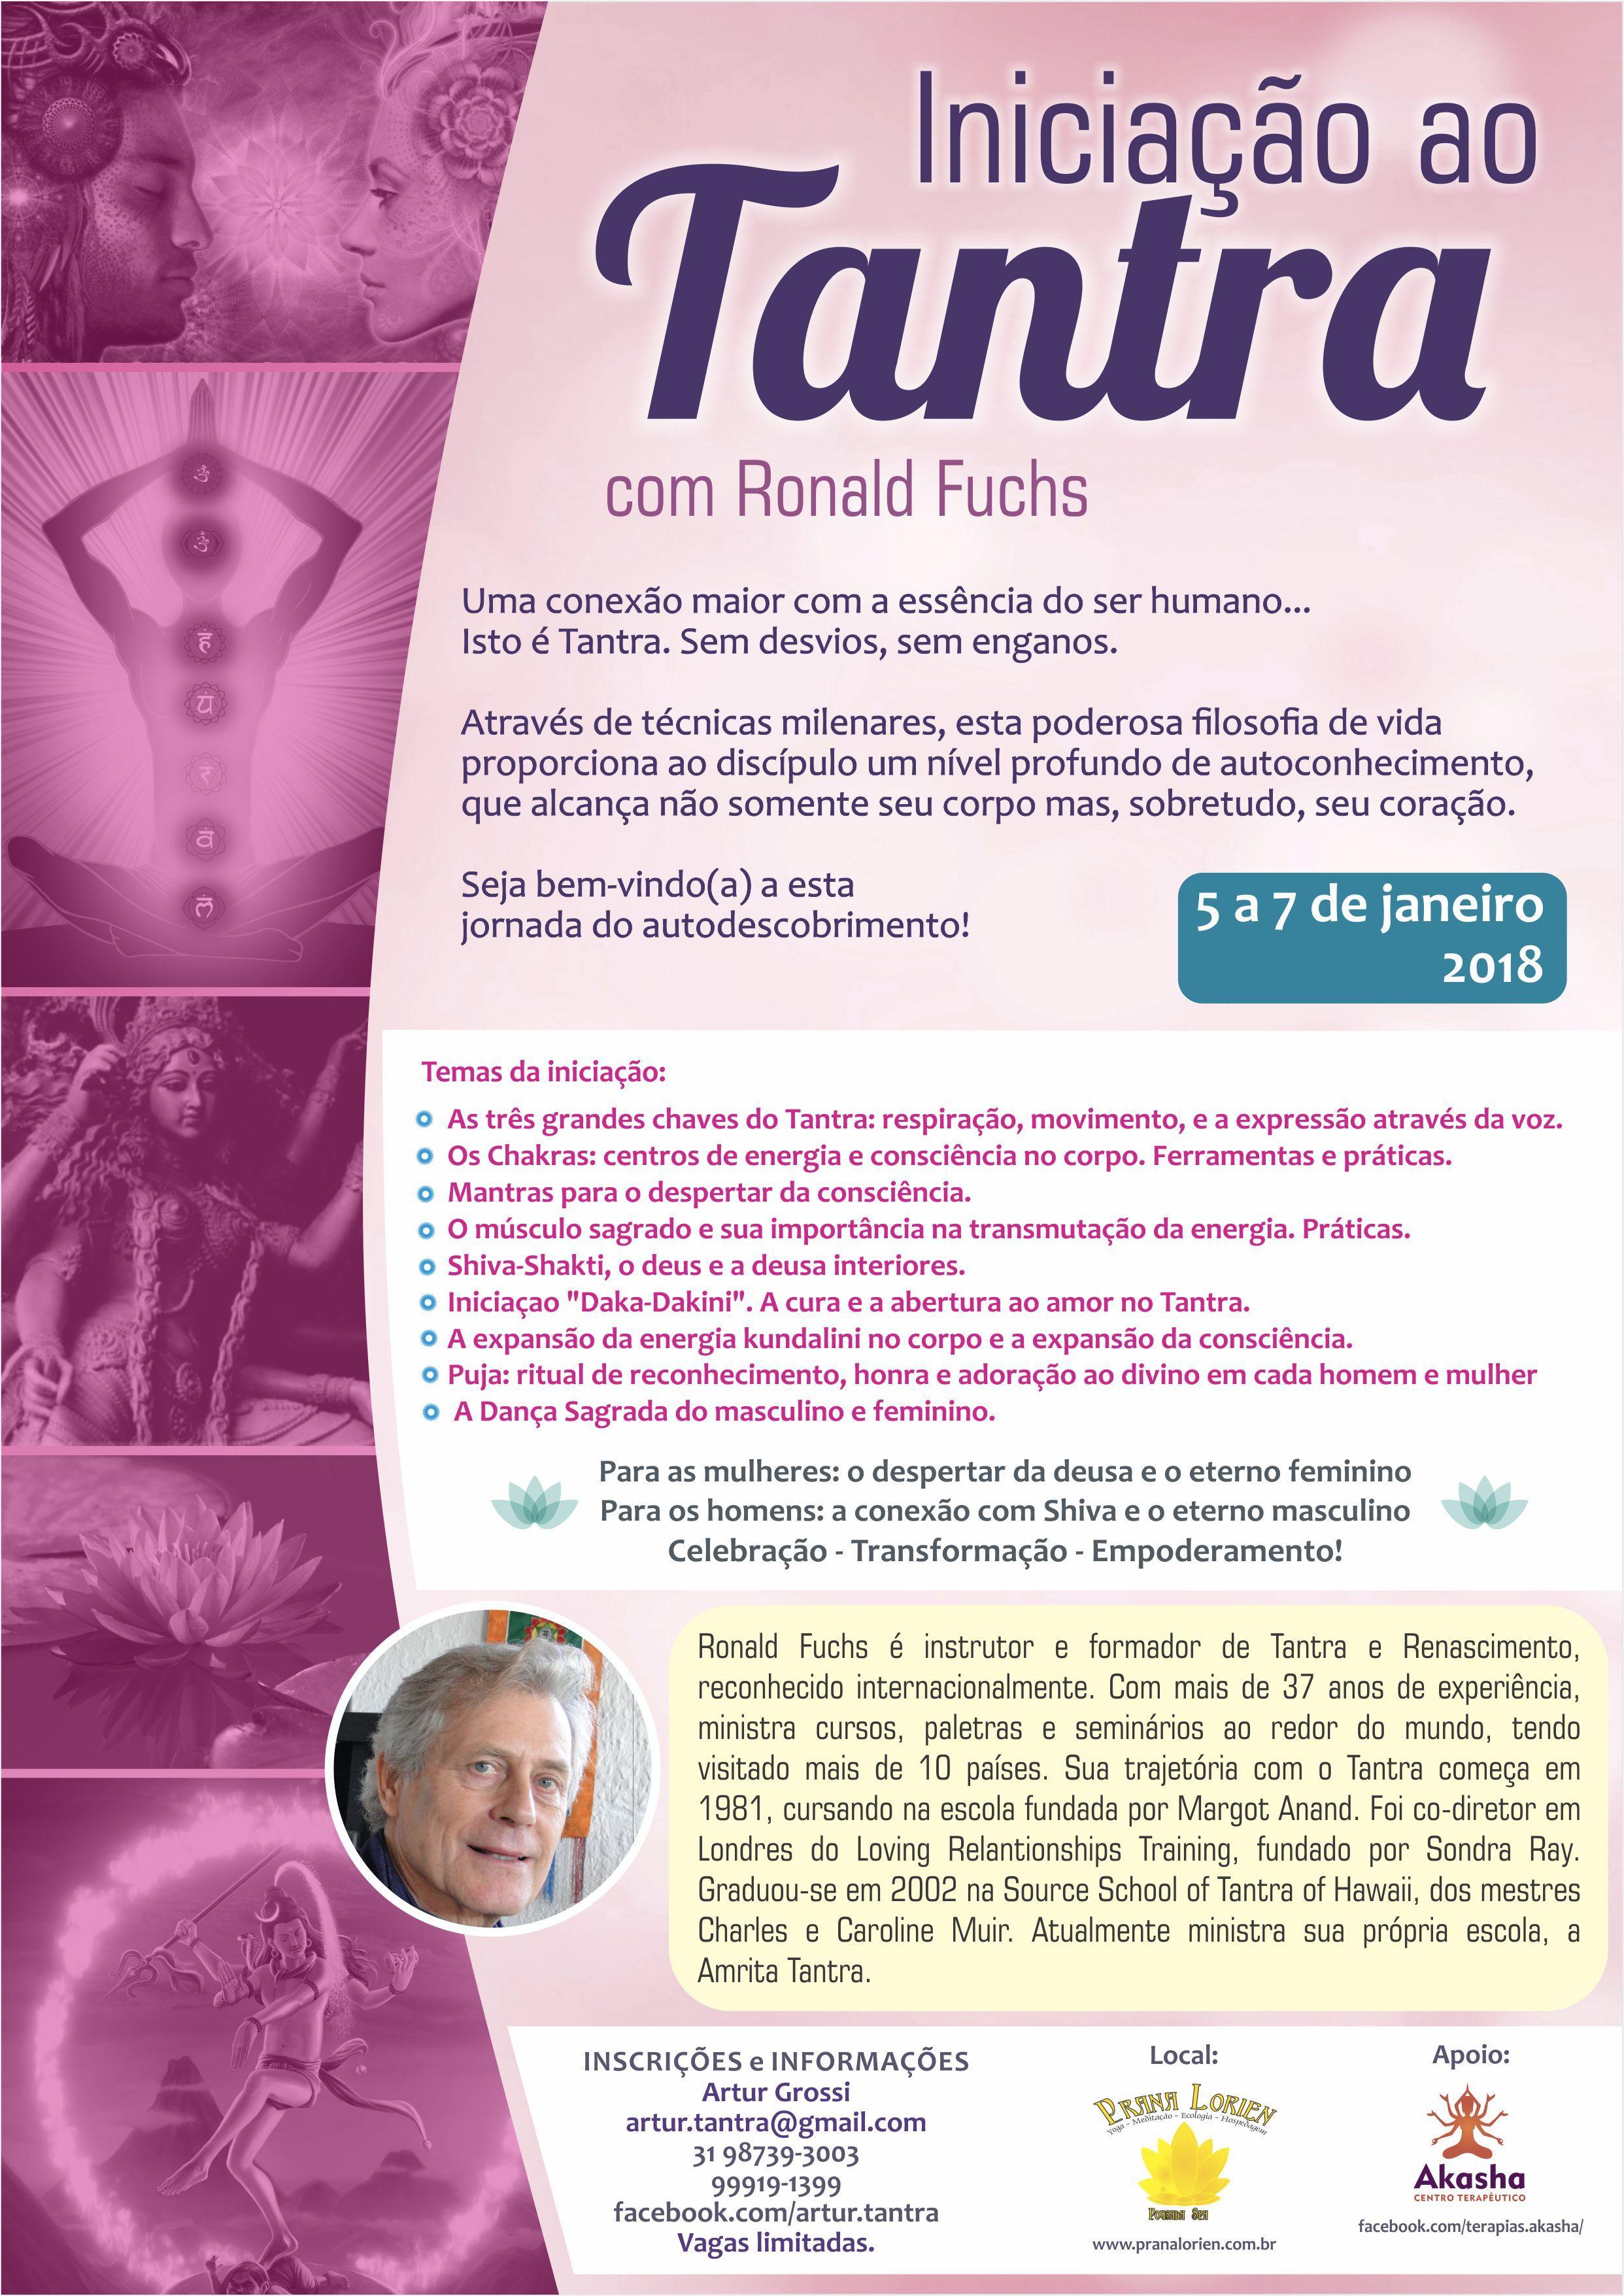 Introduçâo ao Tantra 5 ao 7 Janeiro em Belo Horizonte (Brasil)